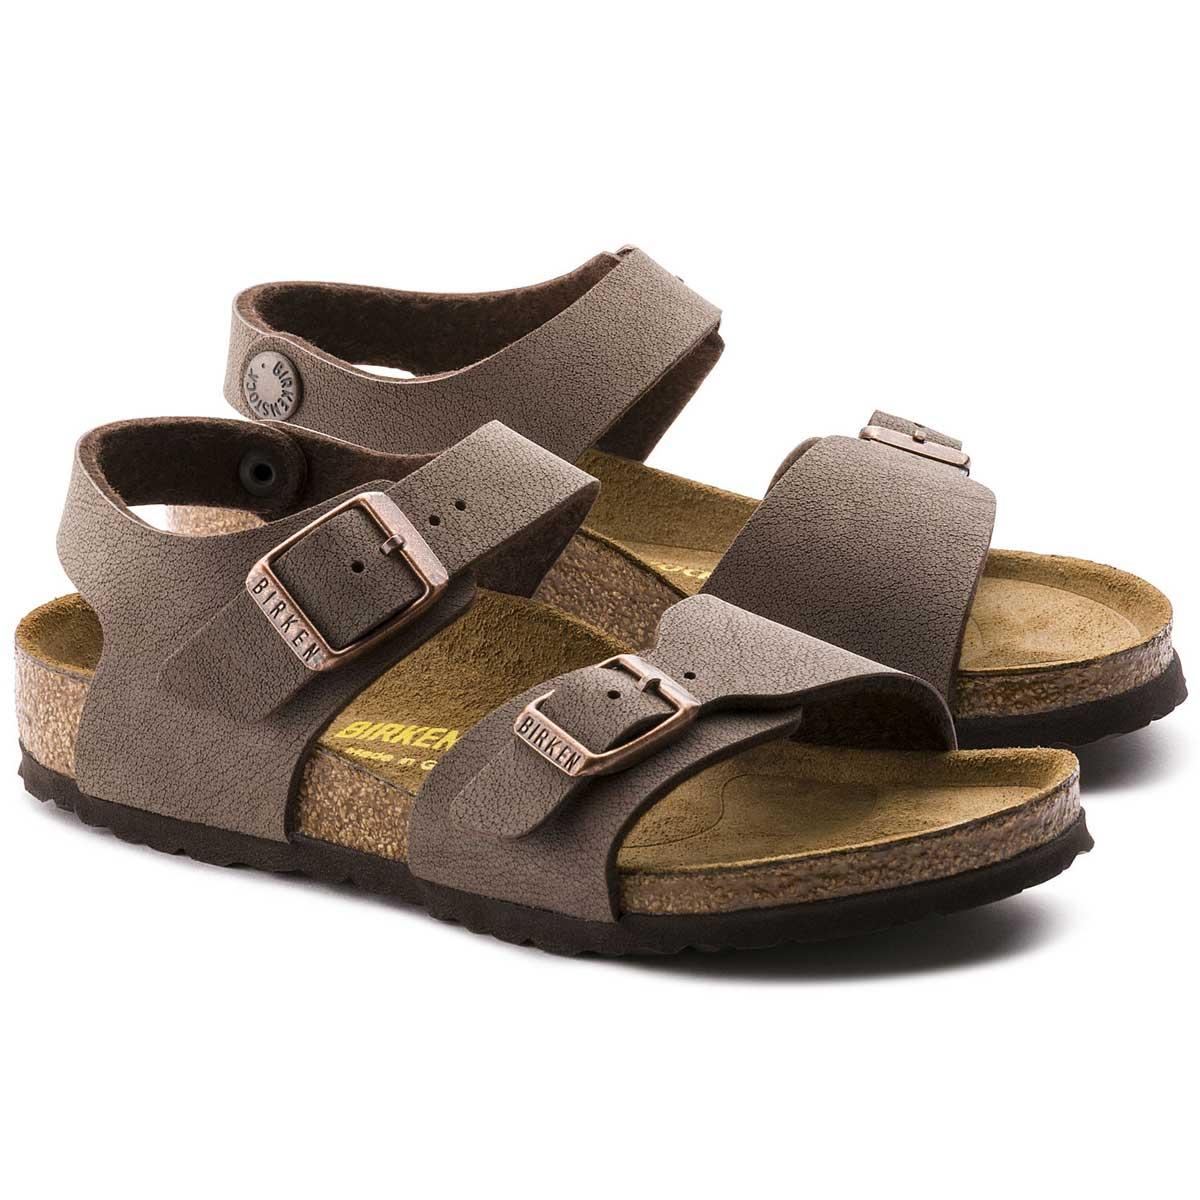 BIRKENSTOCK(ビルケンシュトック) NEW YORK(ニューヨーク)キッズサンダルGK 087783(ビルコフローヌバック/モカ)「靴」 子ども靴